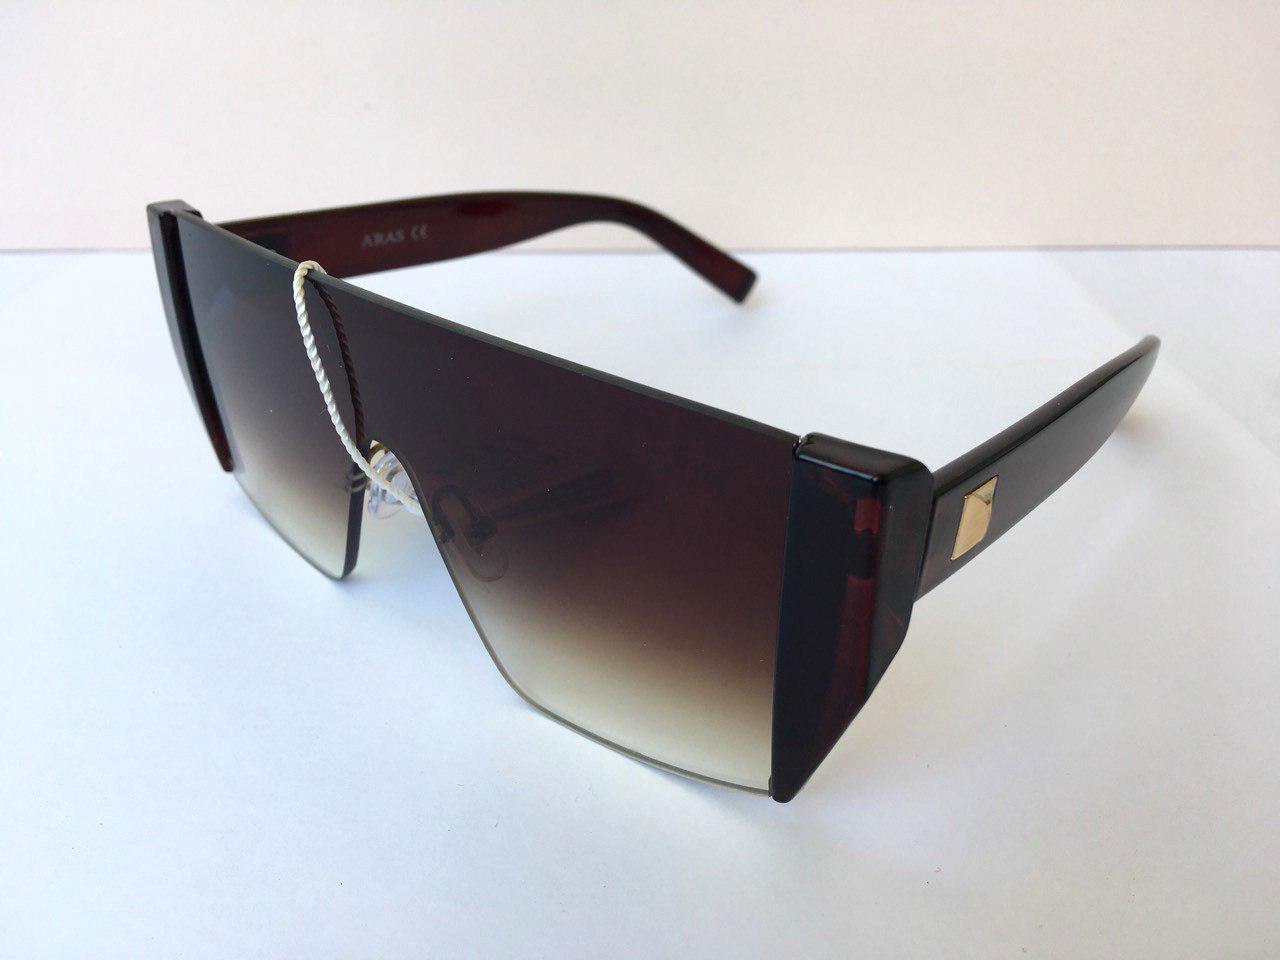 5e968c10a3d5 Купить Солнцезащитные очки квадратные градиент в Николаеве от ...